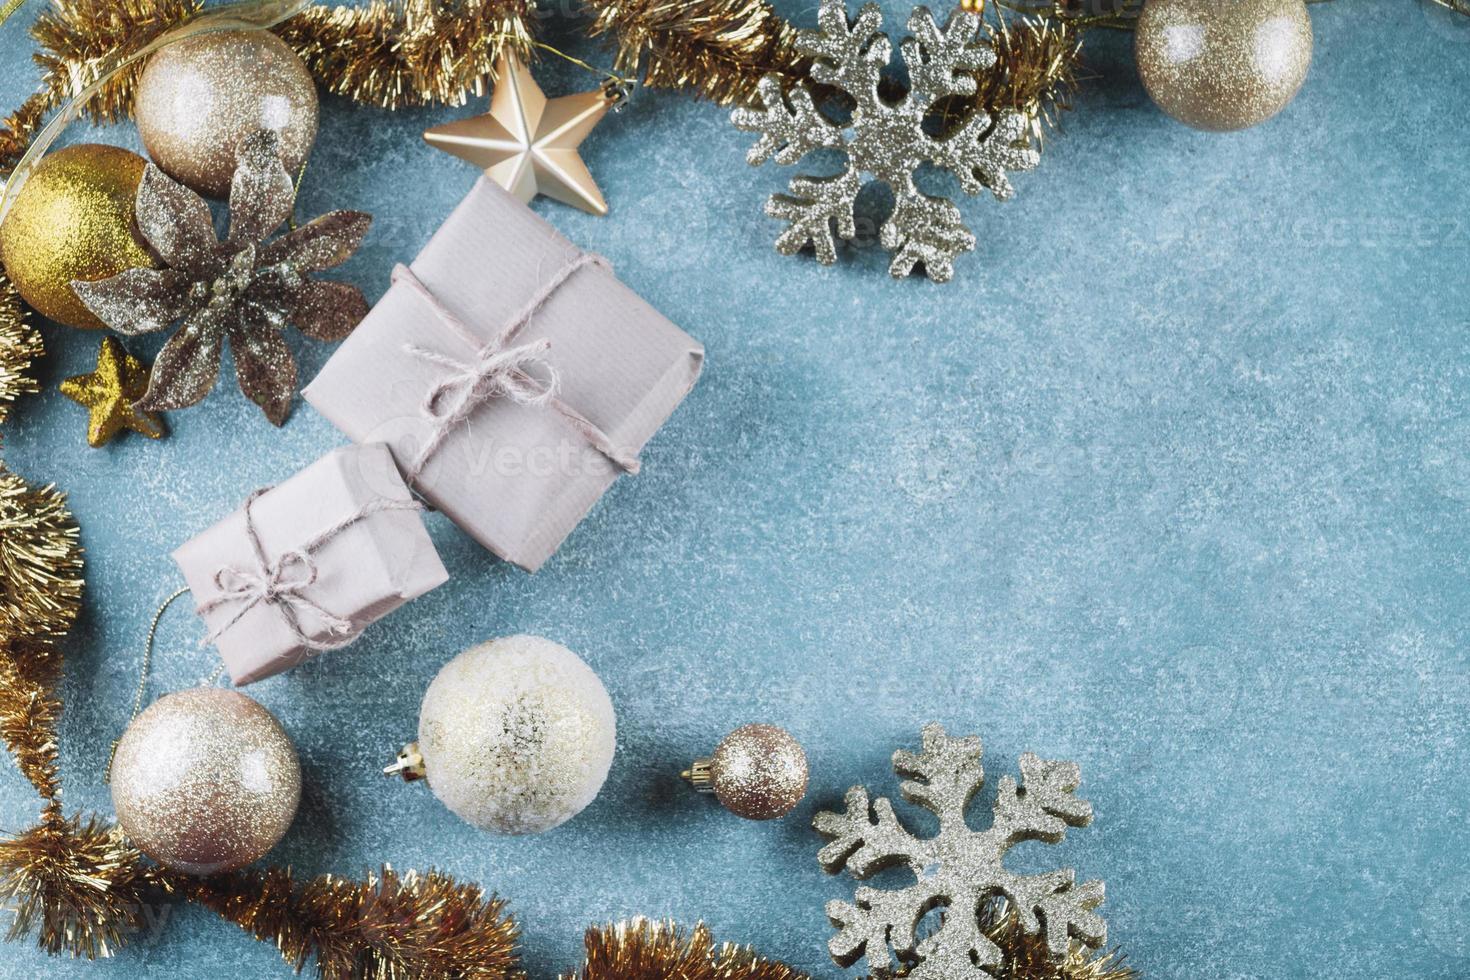 geschenkdozen met glanzende kerstballen foto